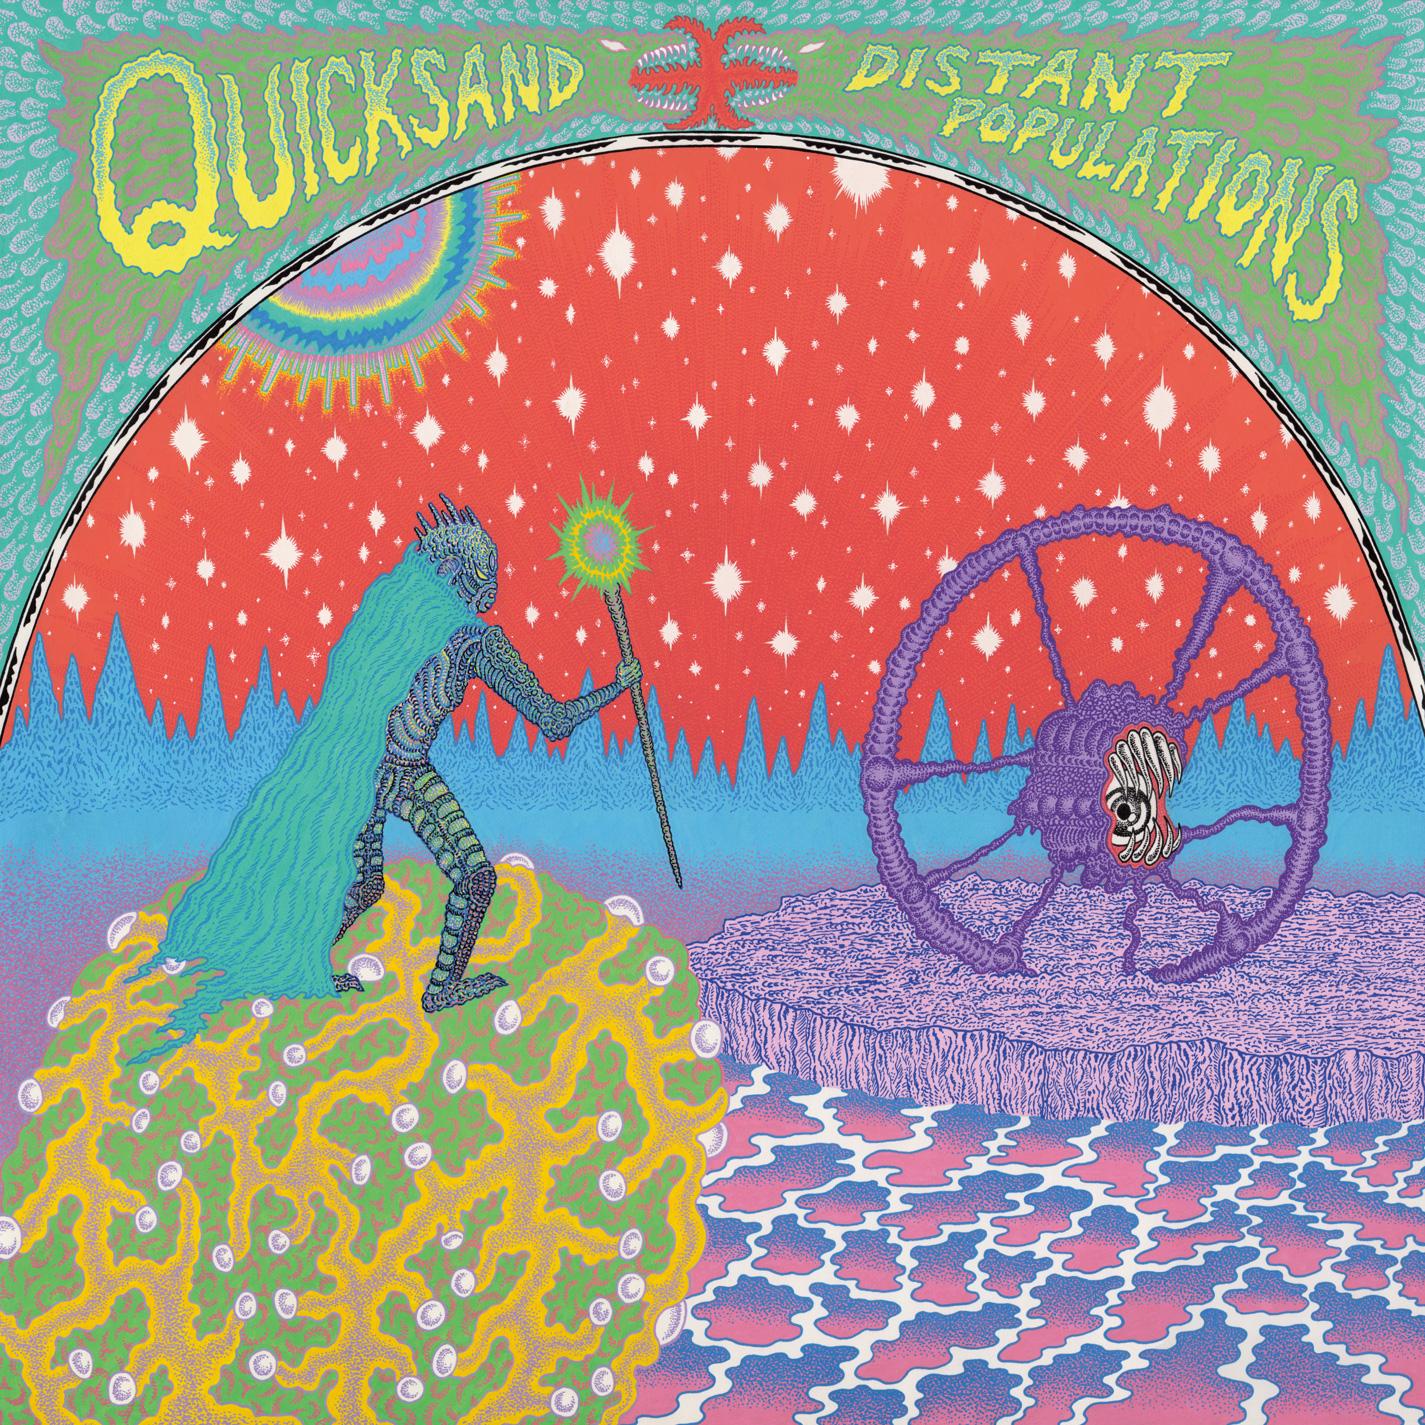 Quicksand album art